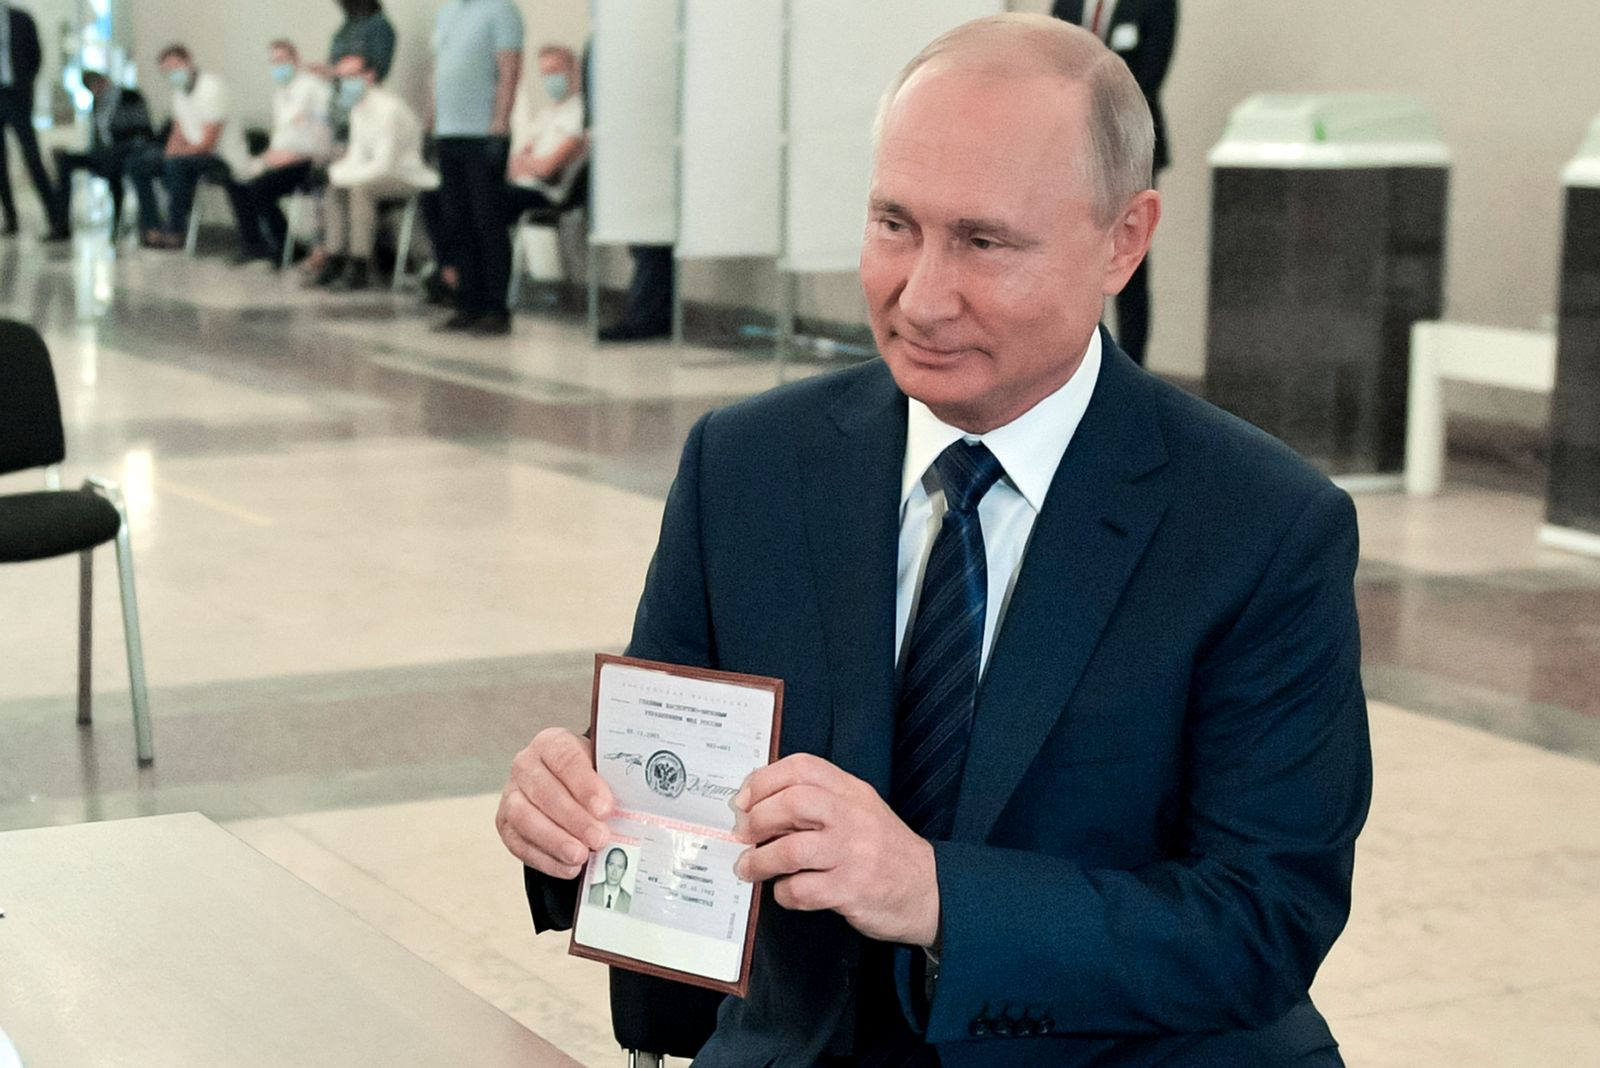 Abstimmung über Verfassungsänderung in Russland